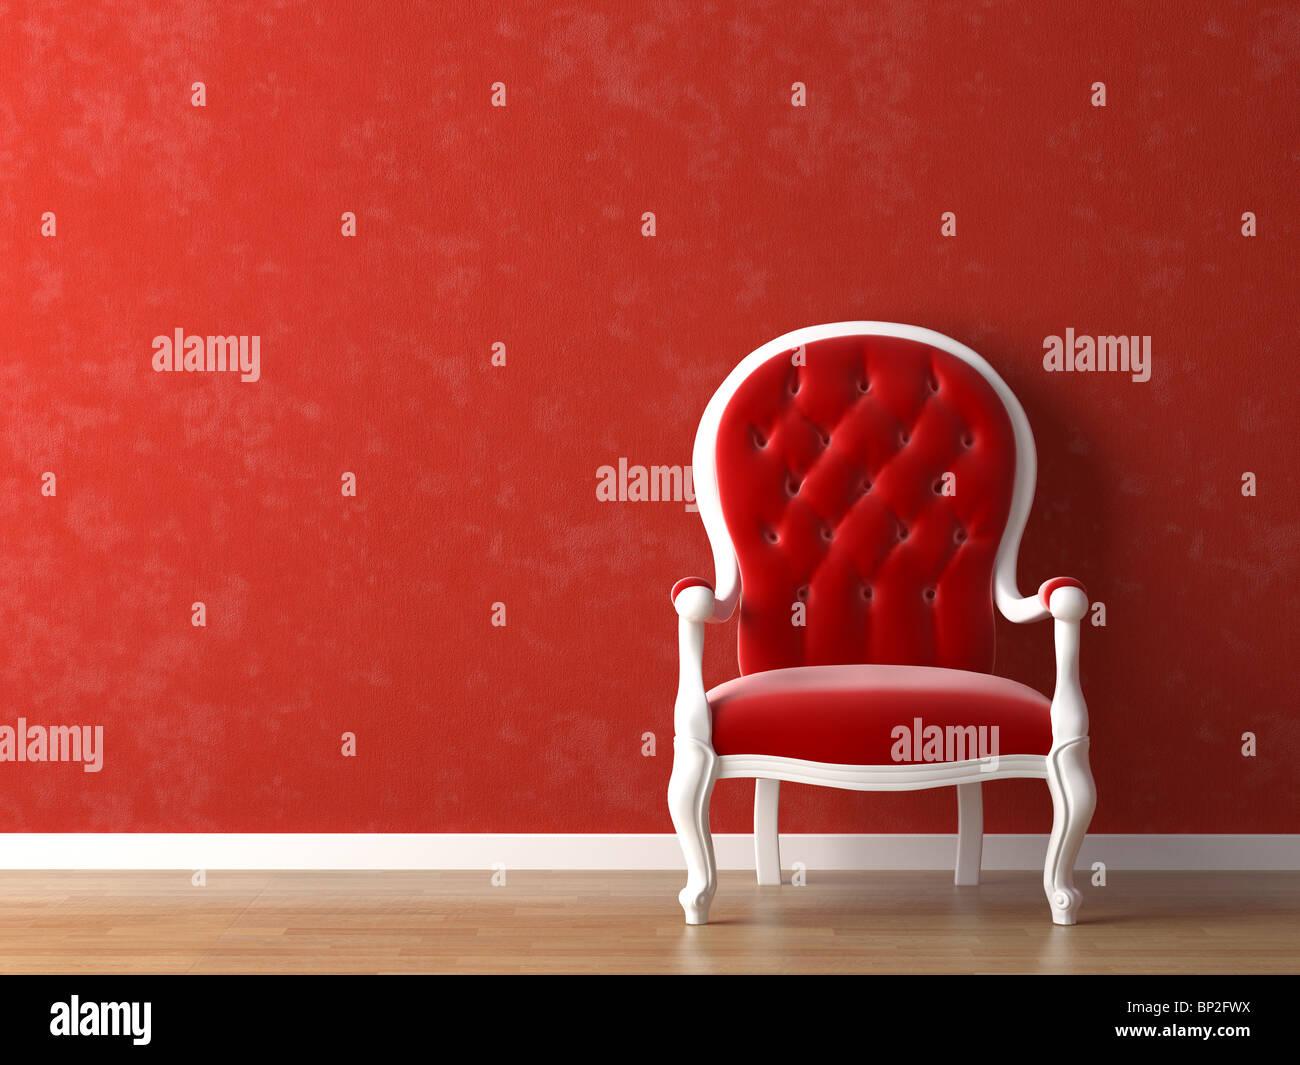 Il bianco e il rosso interior design con elementi minimi Immagini Stock